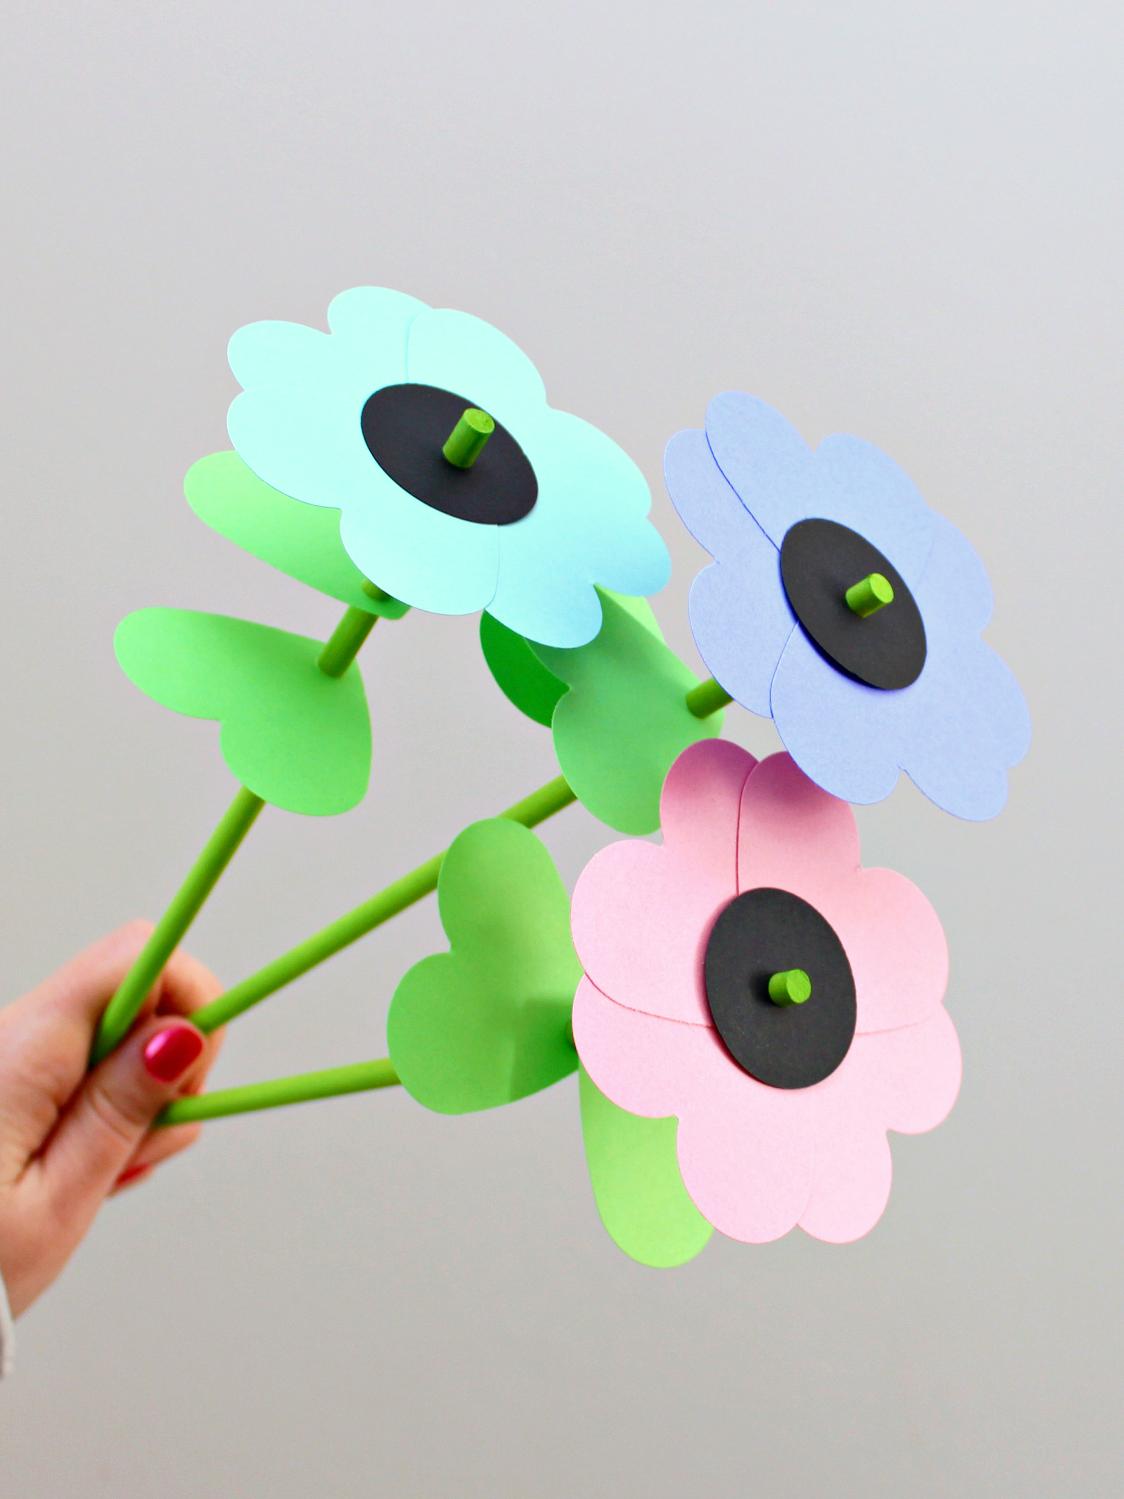 Diy paper wood flower bouquet papel pinterest diy paper diy paper wood flower bouquet izmirmasajfo